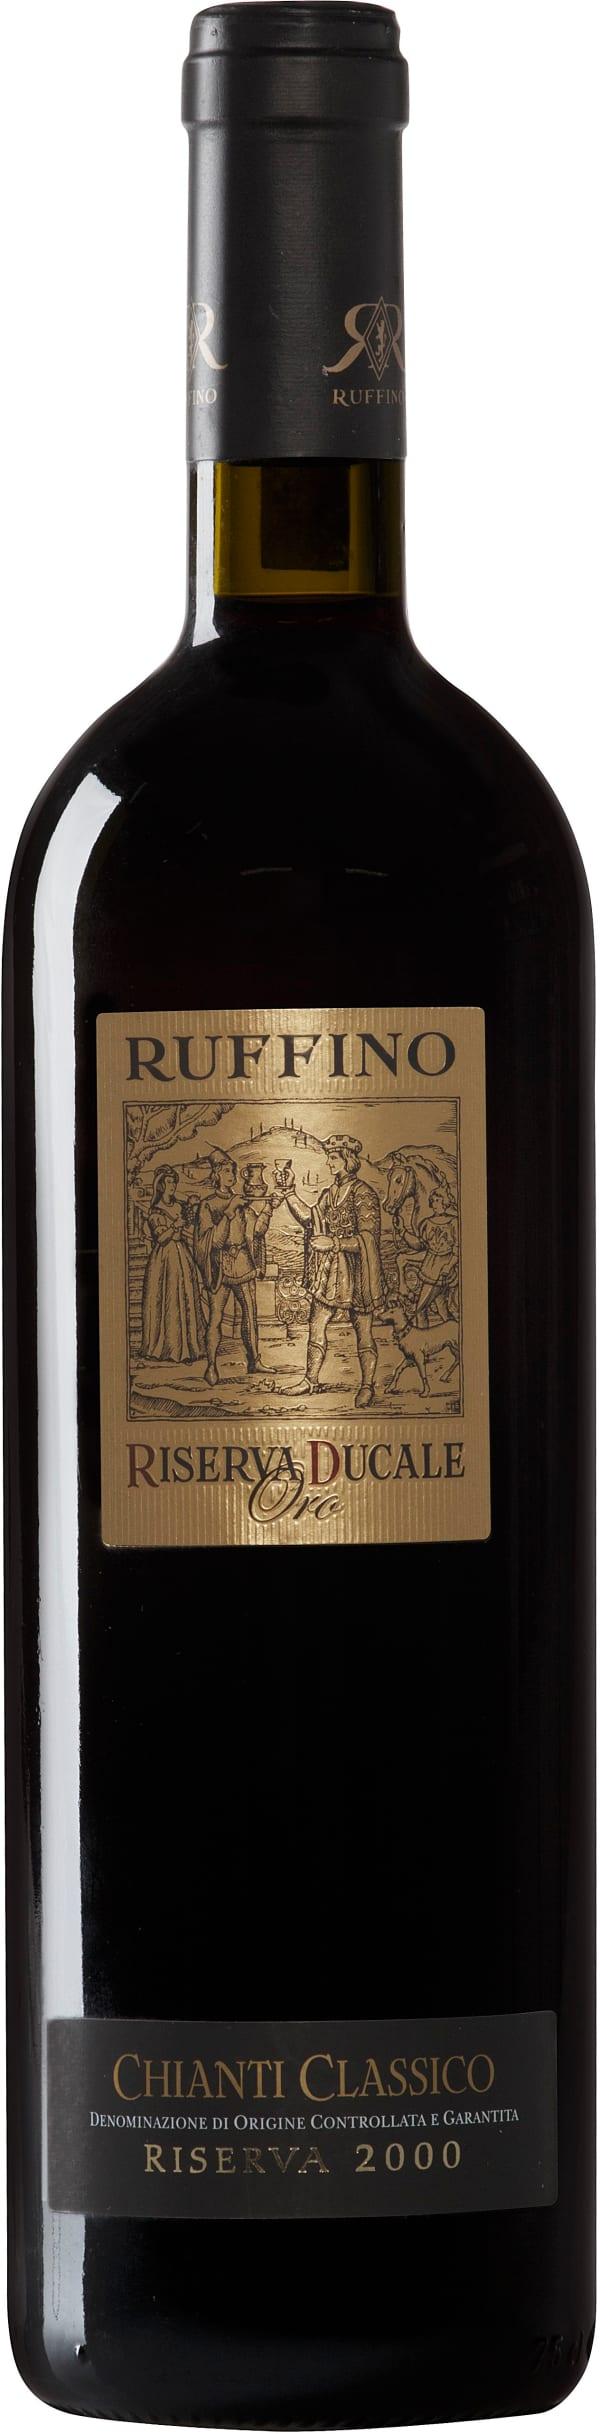 Ruffino Riserva Ducale Oro Chianti Classico Riserva 2000